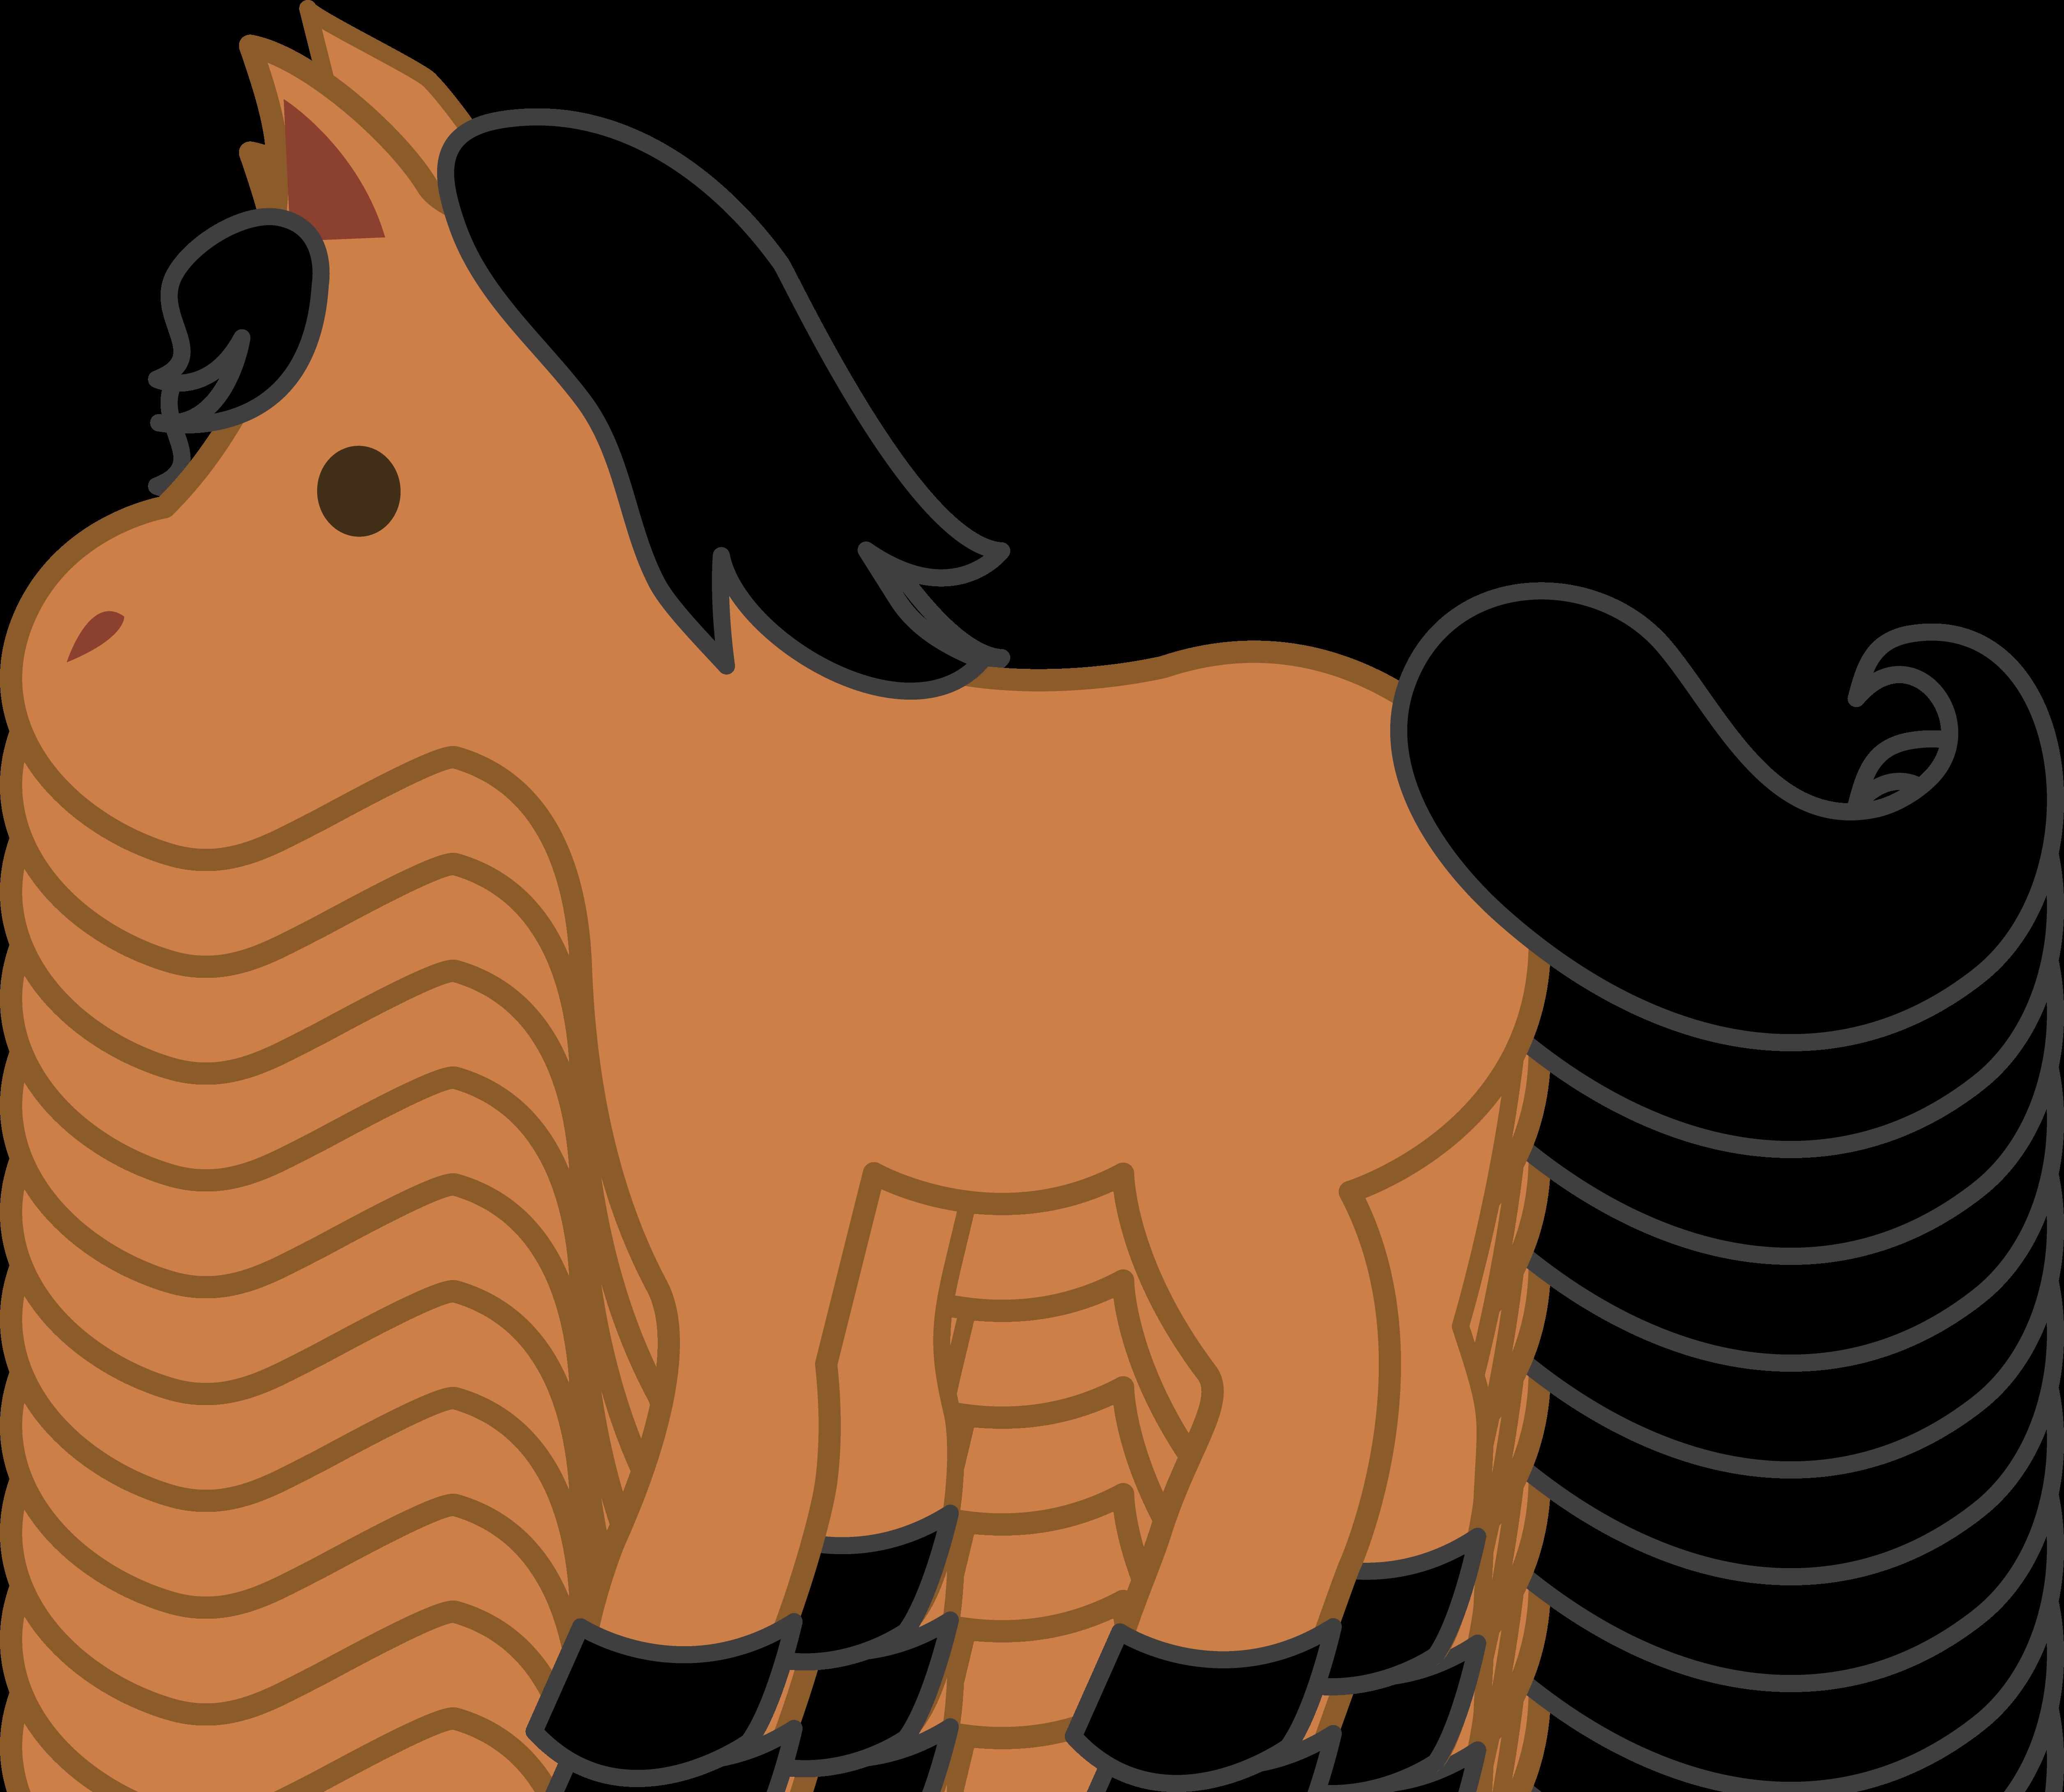 5024x4362 Top 75 Pony Clip Art